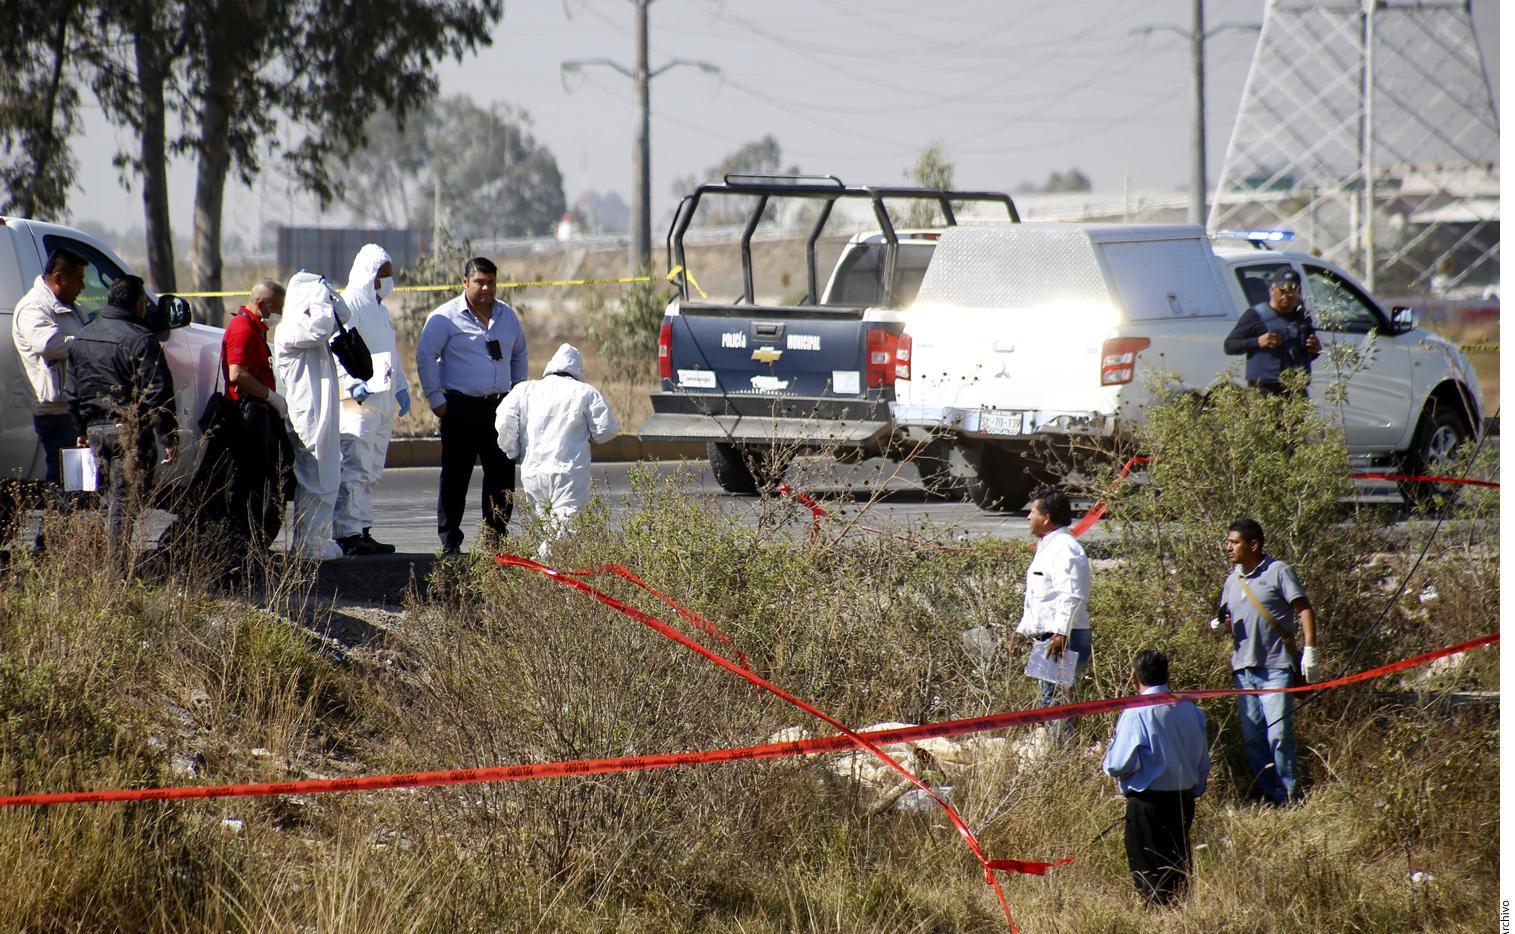 Una cuadrilla del médico forense reconoce la escena de un asesinato en la ciudad de Chihuahua. AGENCIA REFORMA.